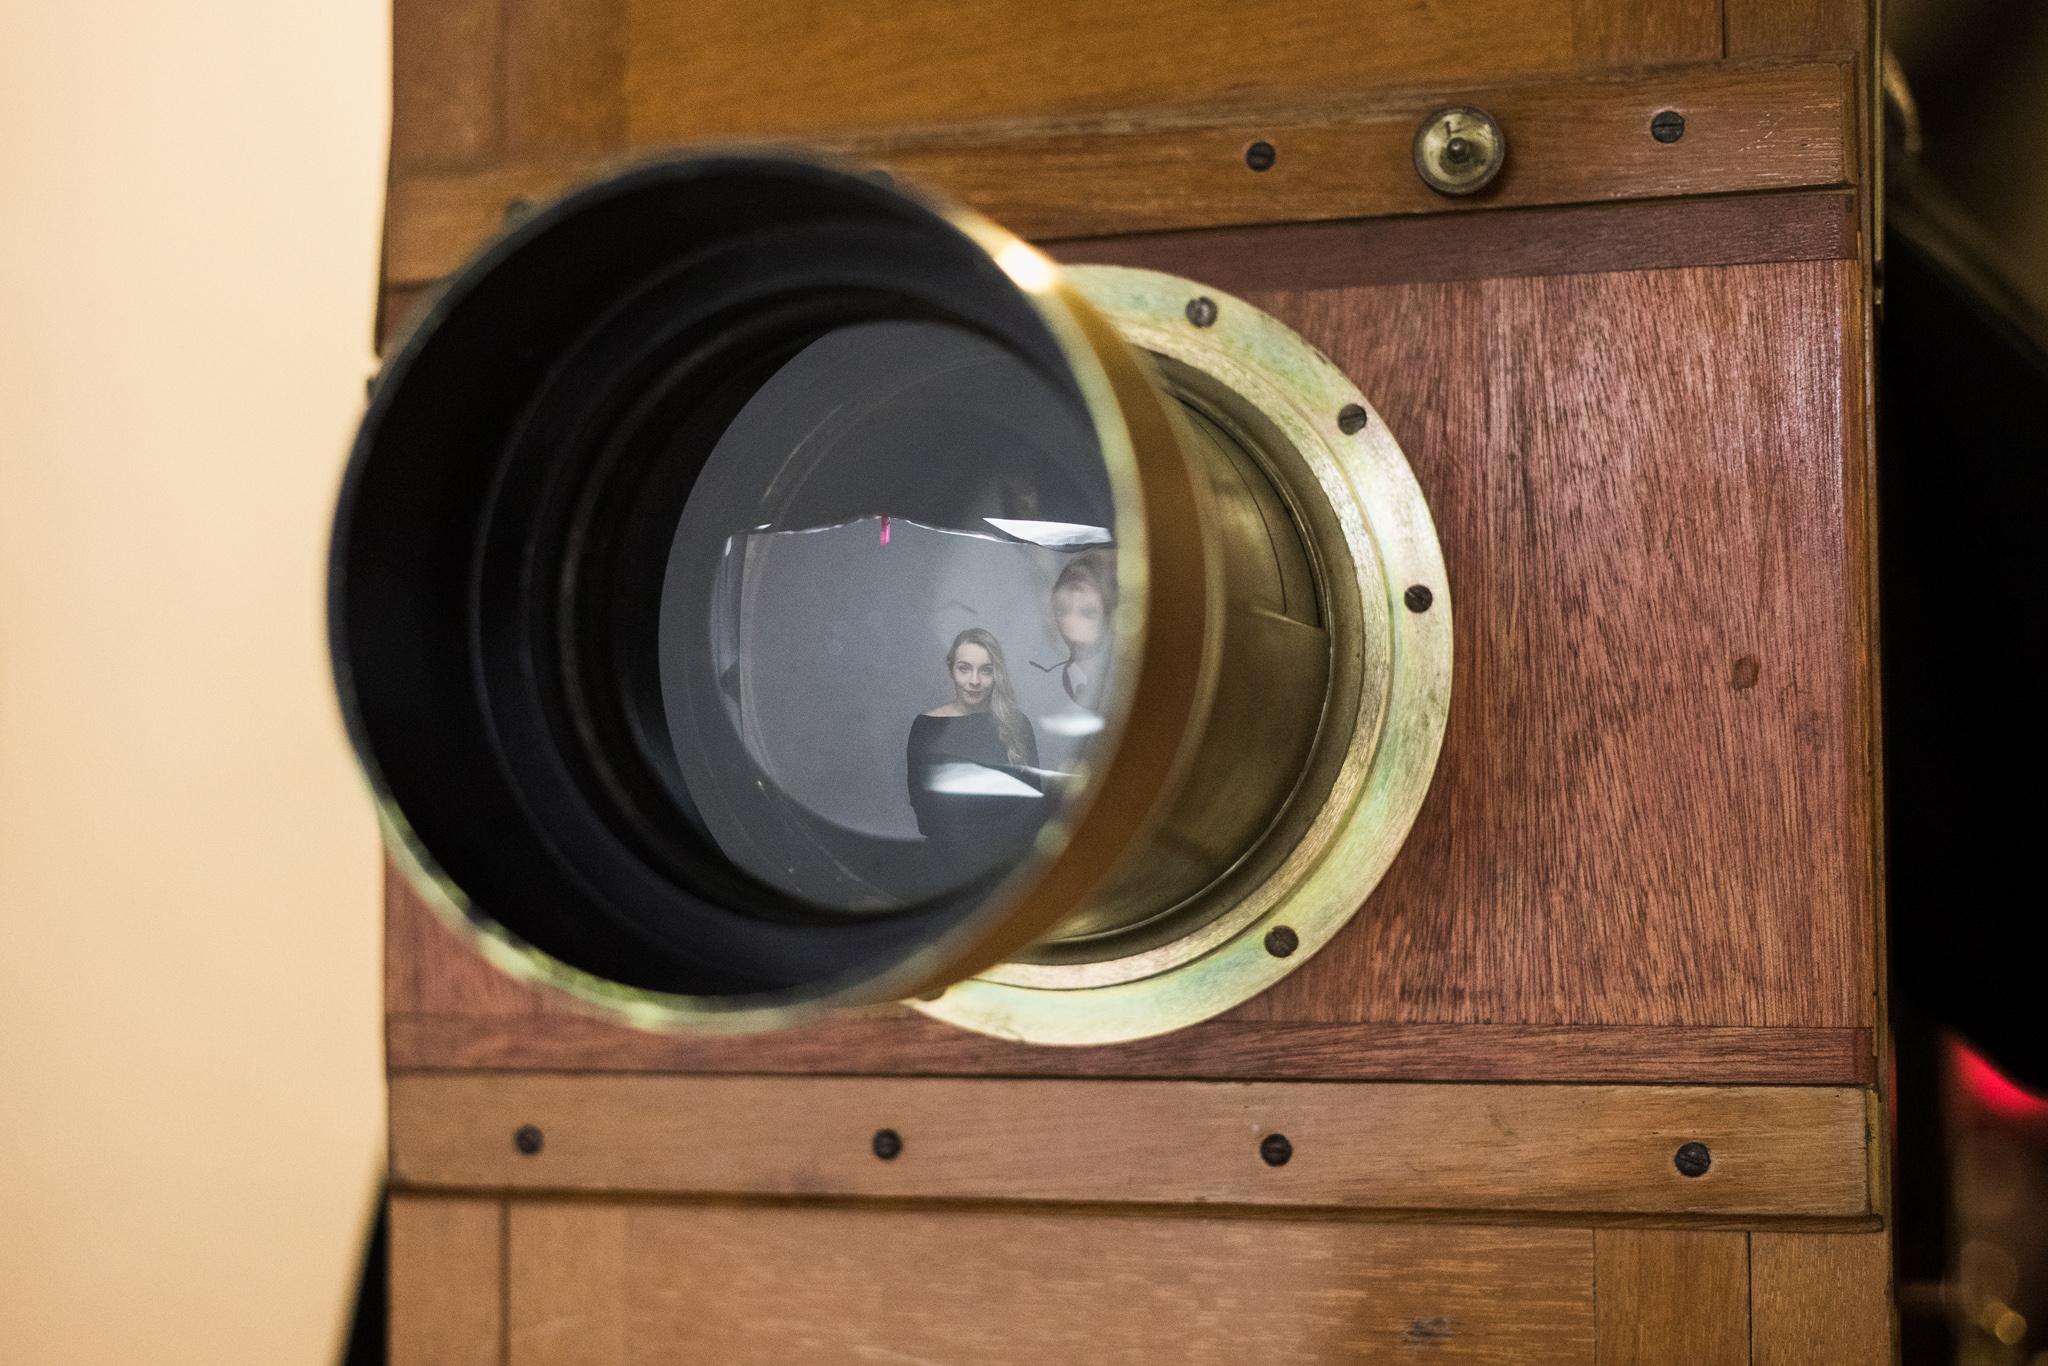 Obiektyw starego aparatu fotograficznego.